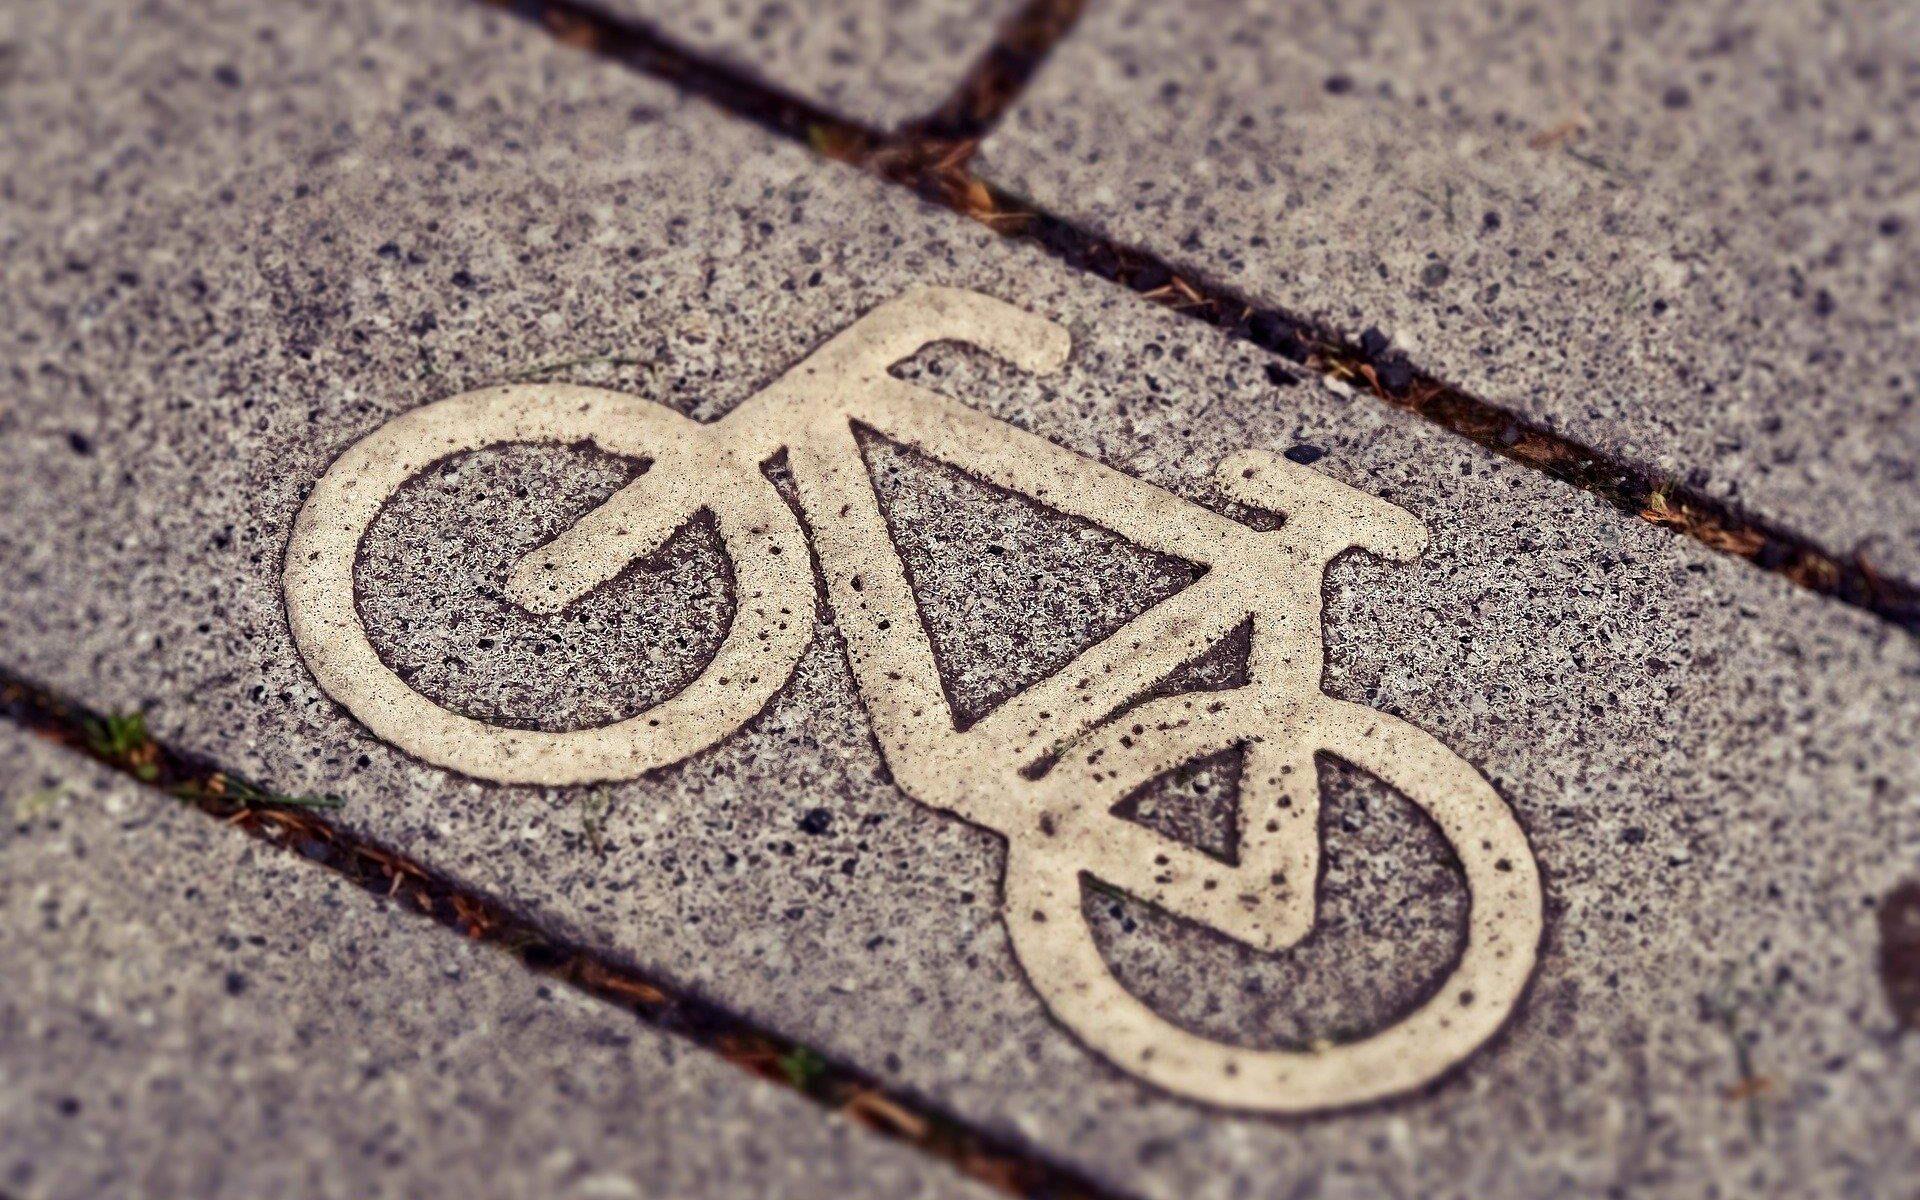 Foto von einem Fahrradsymbol auf einem Pflasterstein